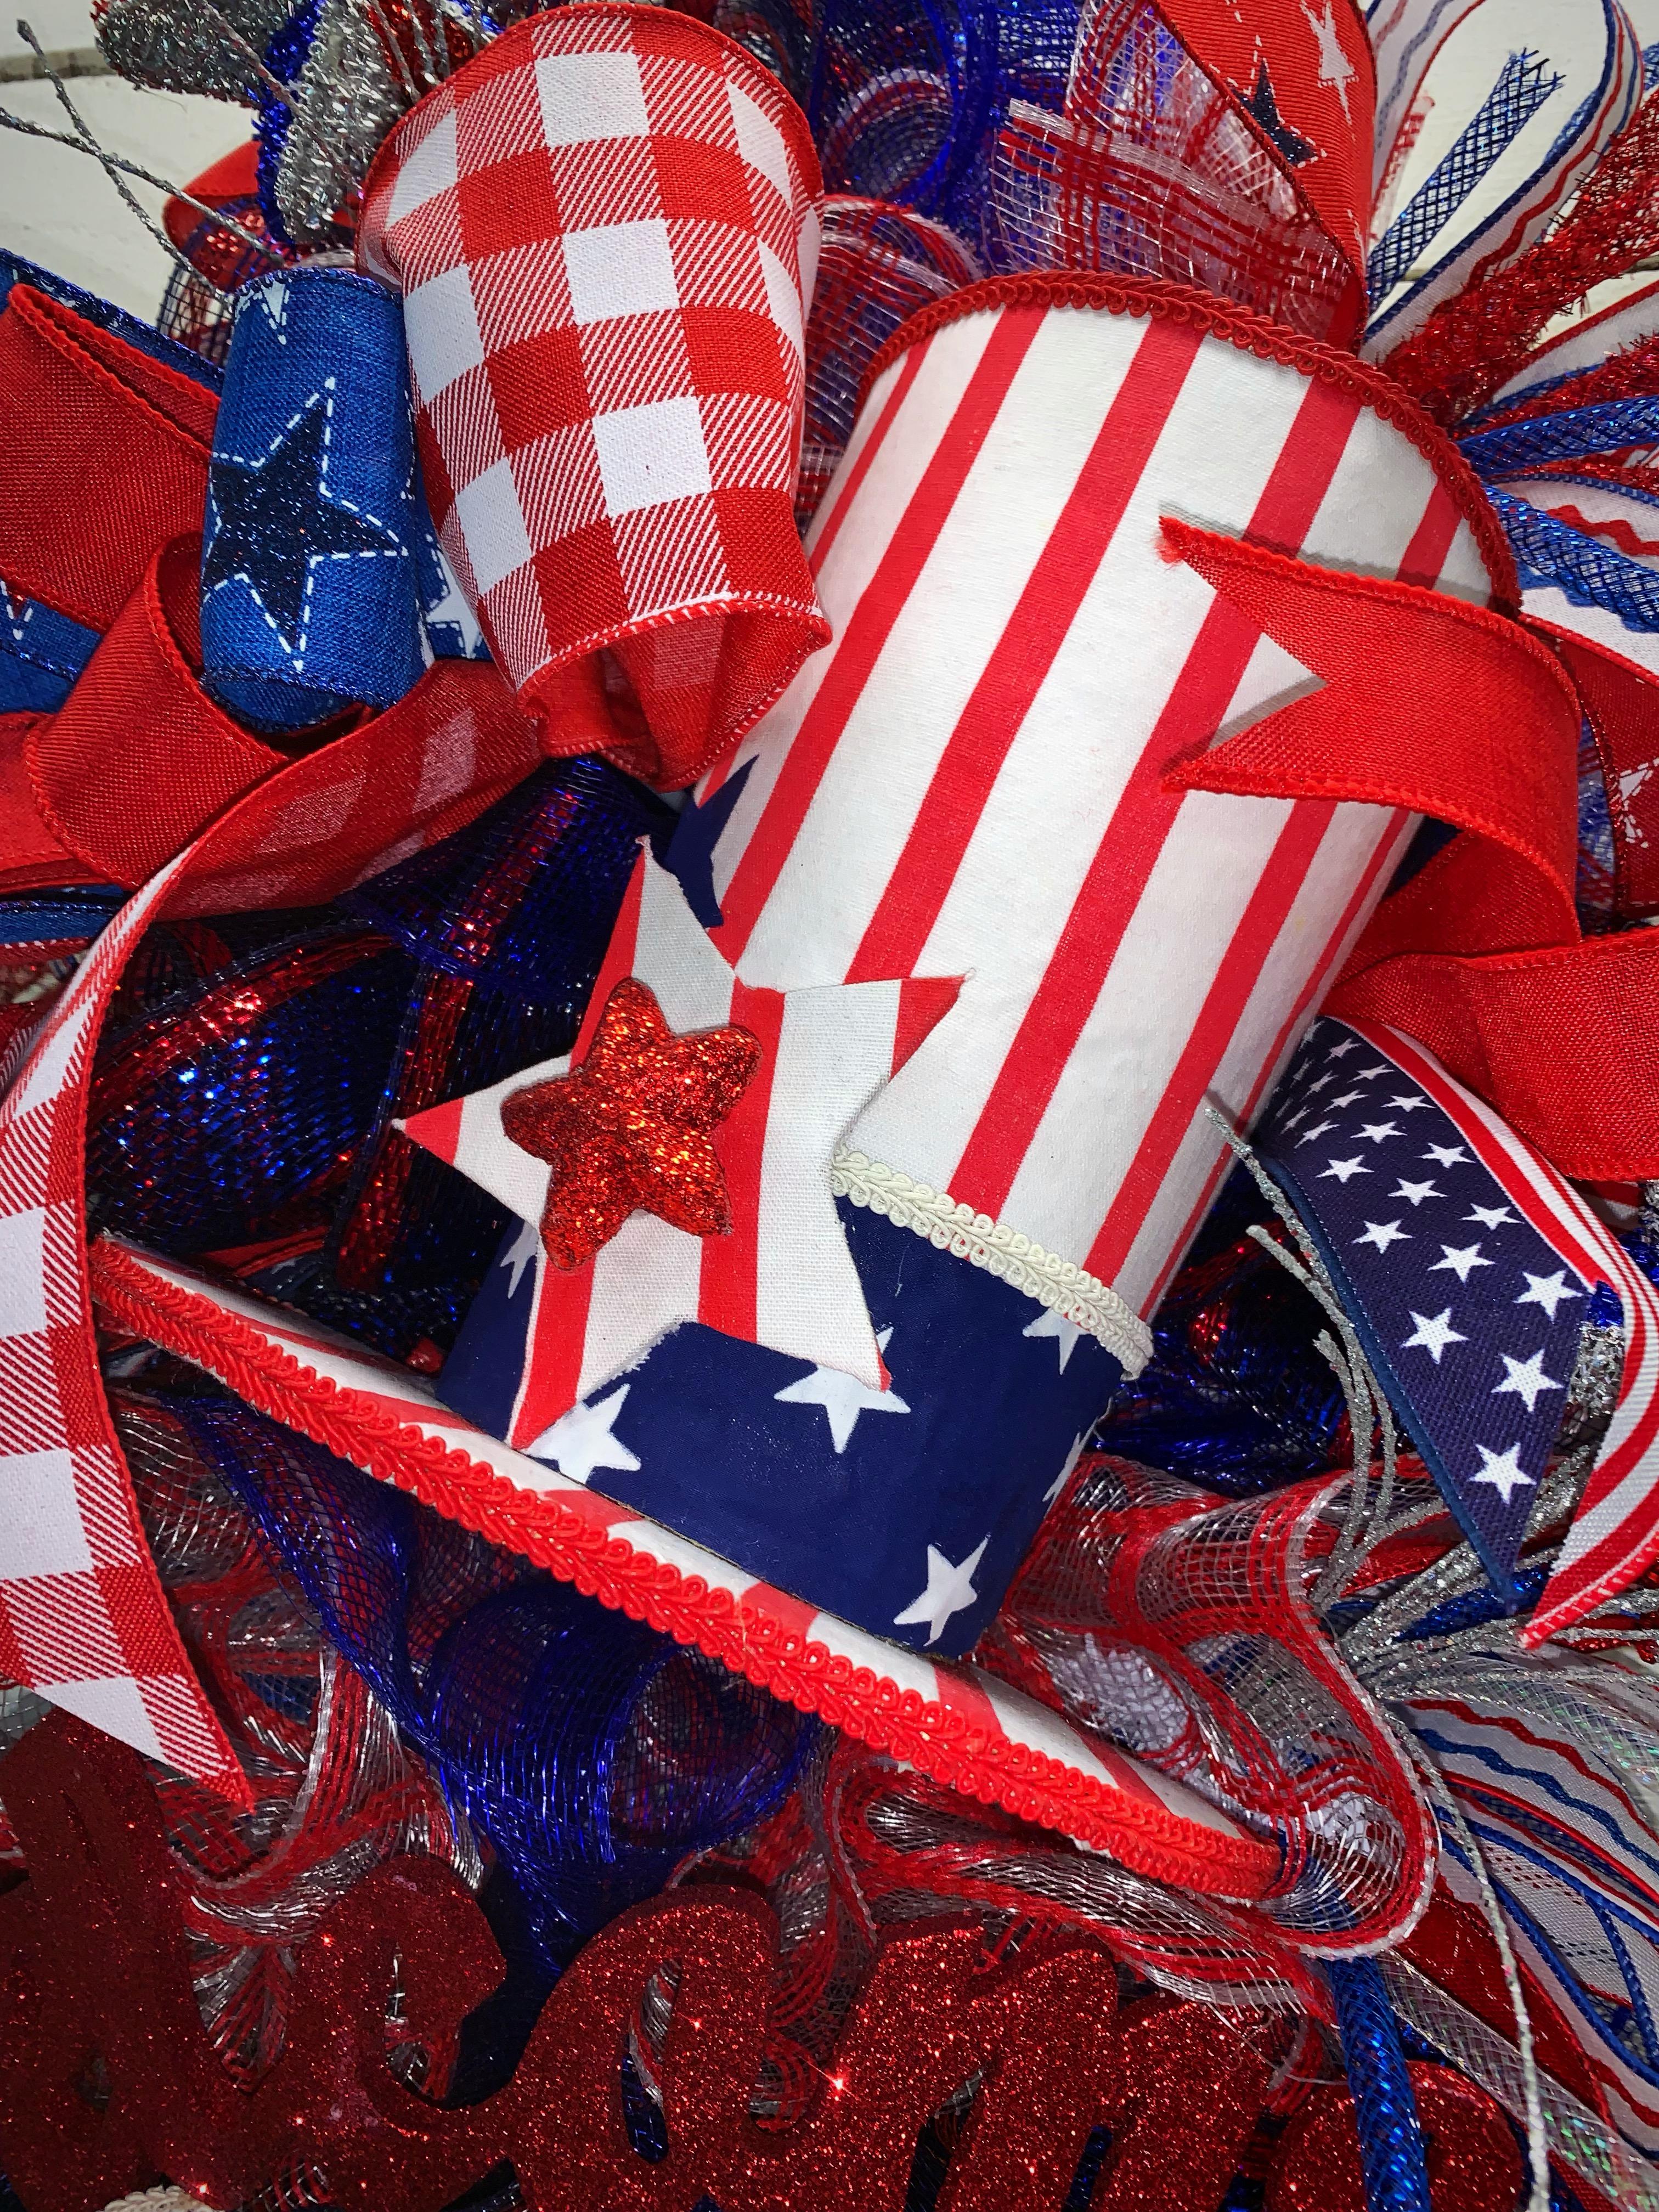 Patriotic Door Swag Patriotic Uncle Sam Door Swag Patriotic Decor Red White Blue Uncle Sam